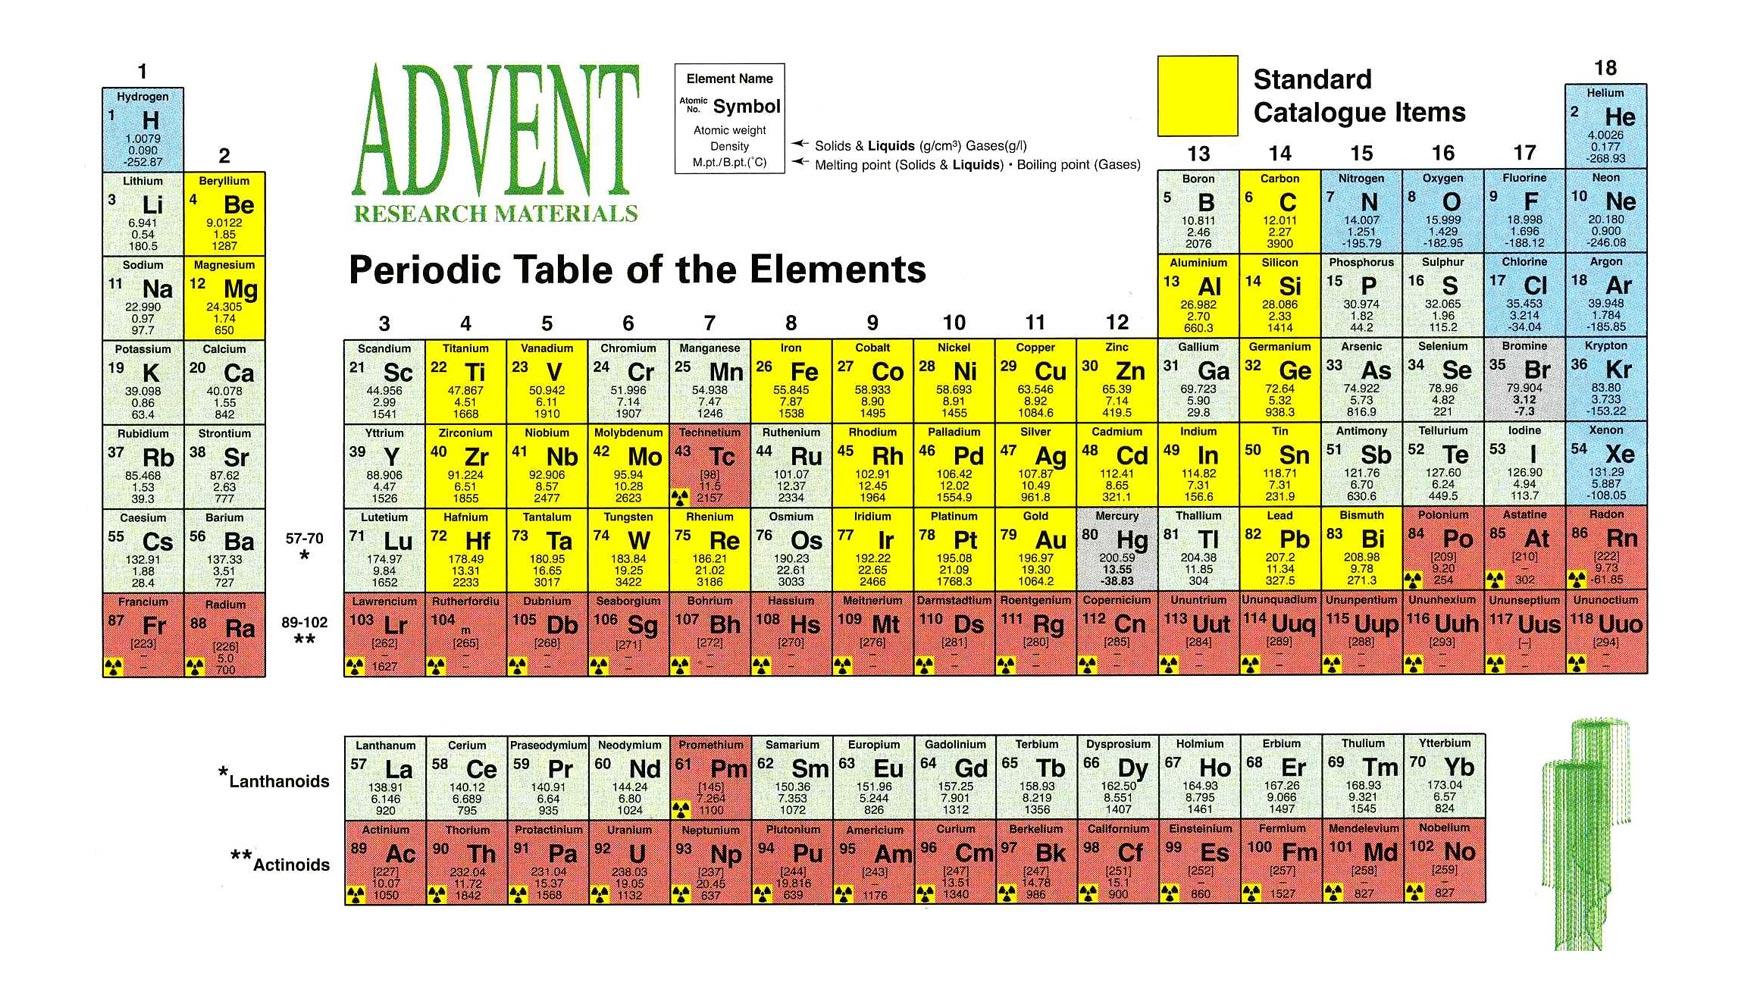 tabla peridica de los elementos de dmitri mendeleev actualizada 2015 uut 113 al final de la columna 13 - Tabla Periodica De Los Elementos Atomos